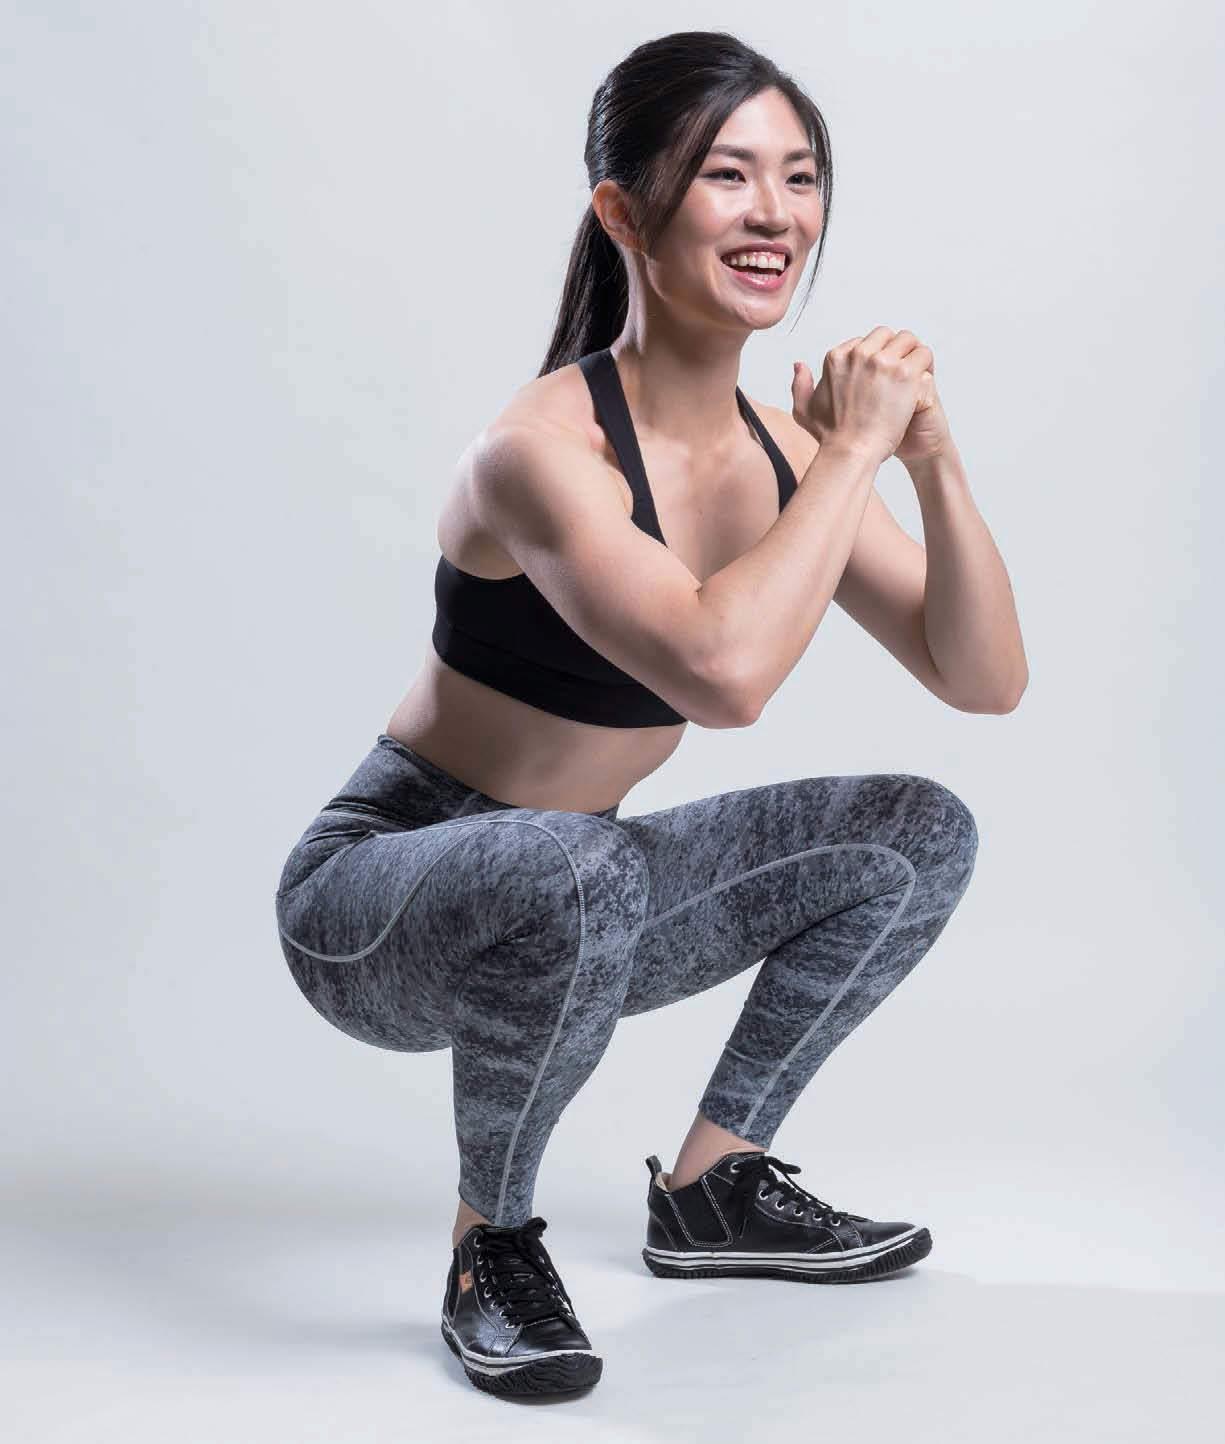 深蹲会伤害膝盖是错的?今天就告诉你「一定要深蹲」的7个理由